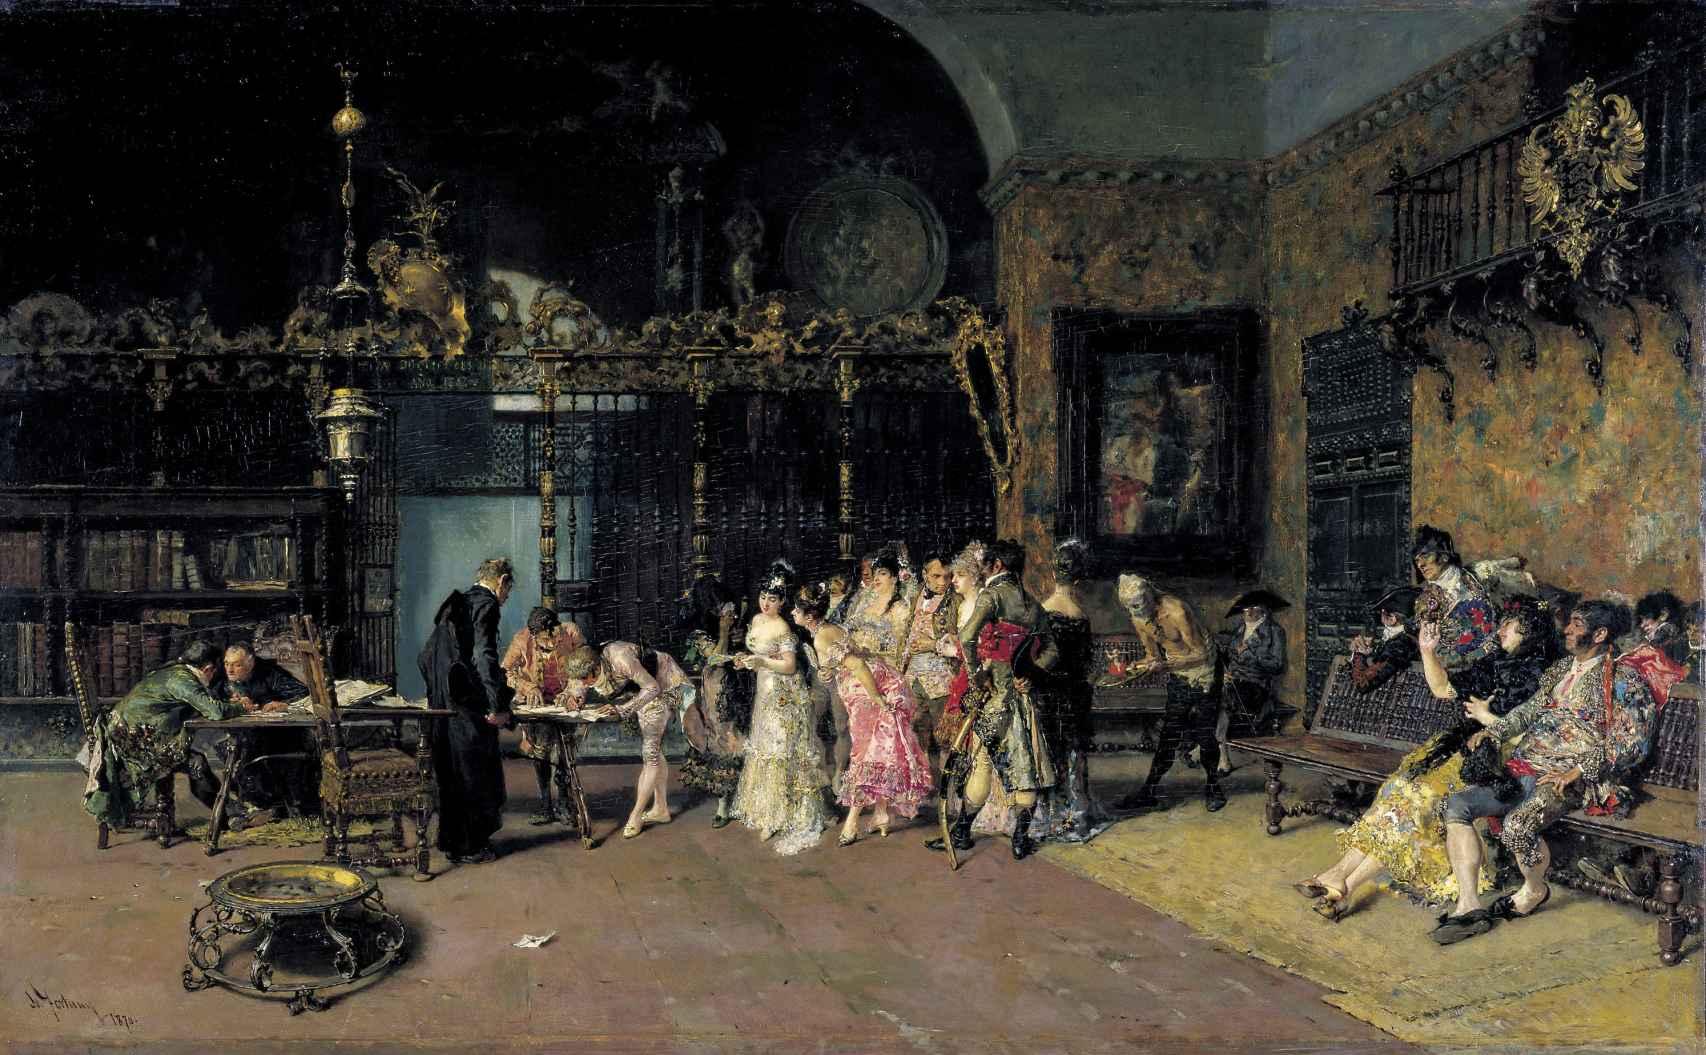 La vicaría, pintada por Fortuny en 1870, hoy en el MNAC.